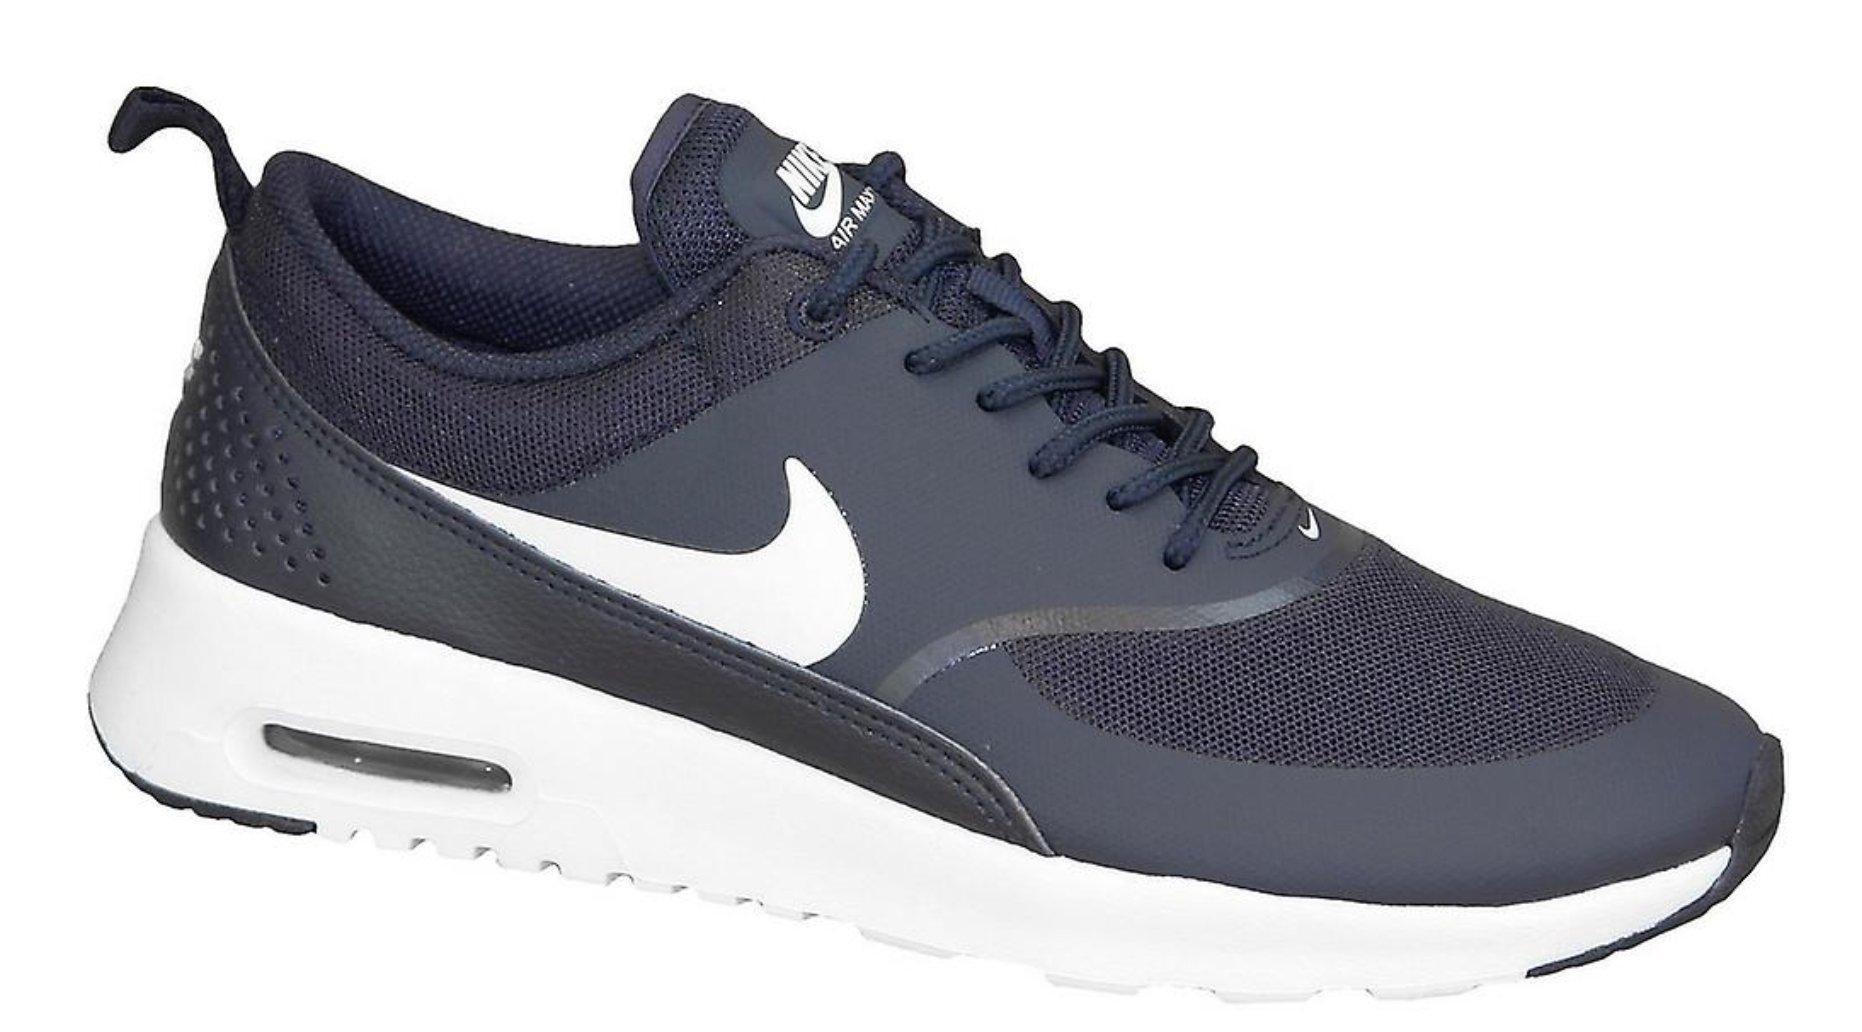 Köp Bästa Pris Nike Dam Skor Online | Skor & Sneakers